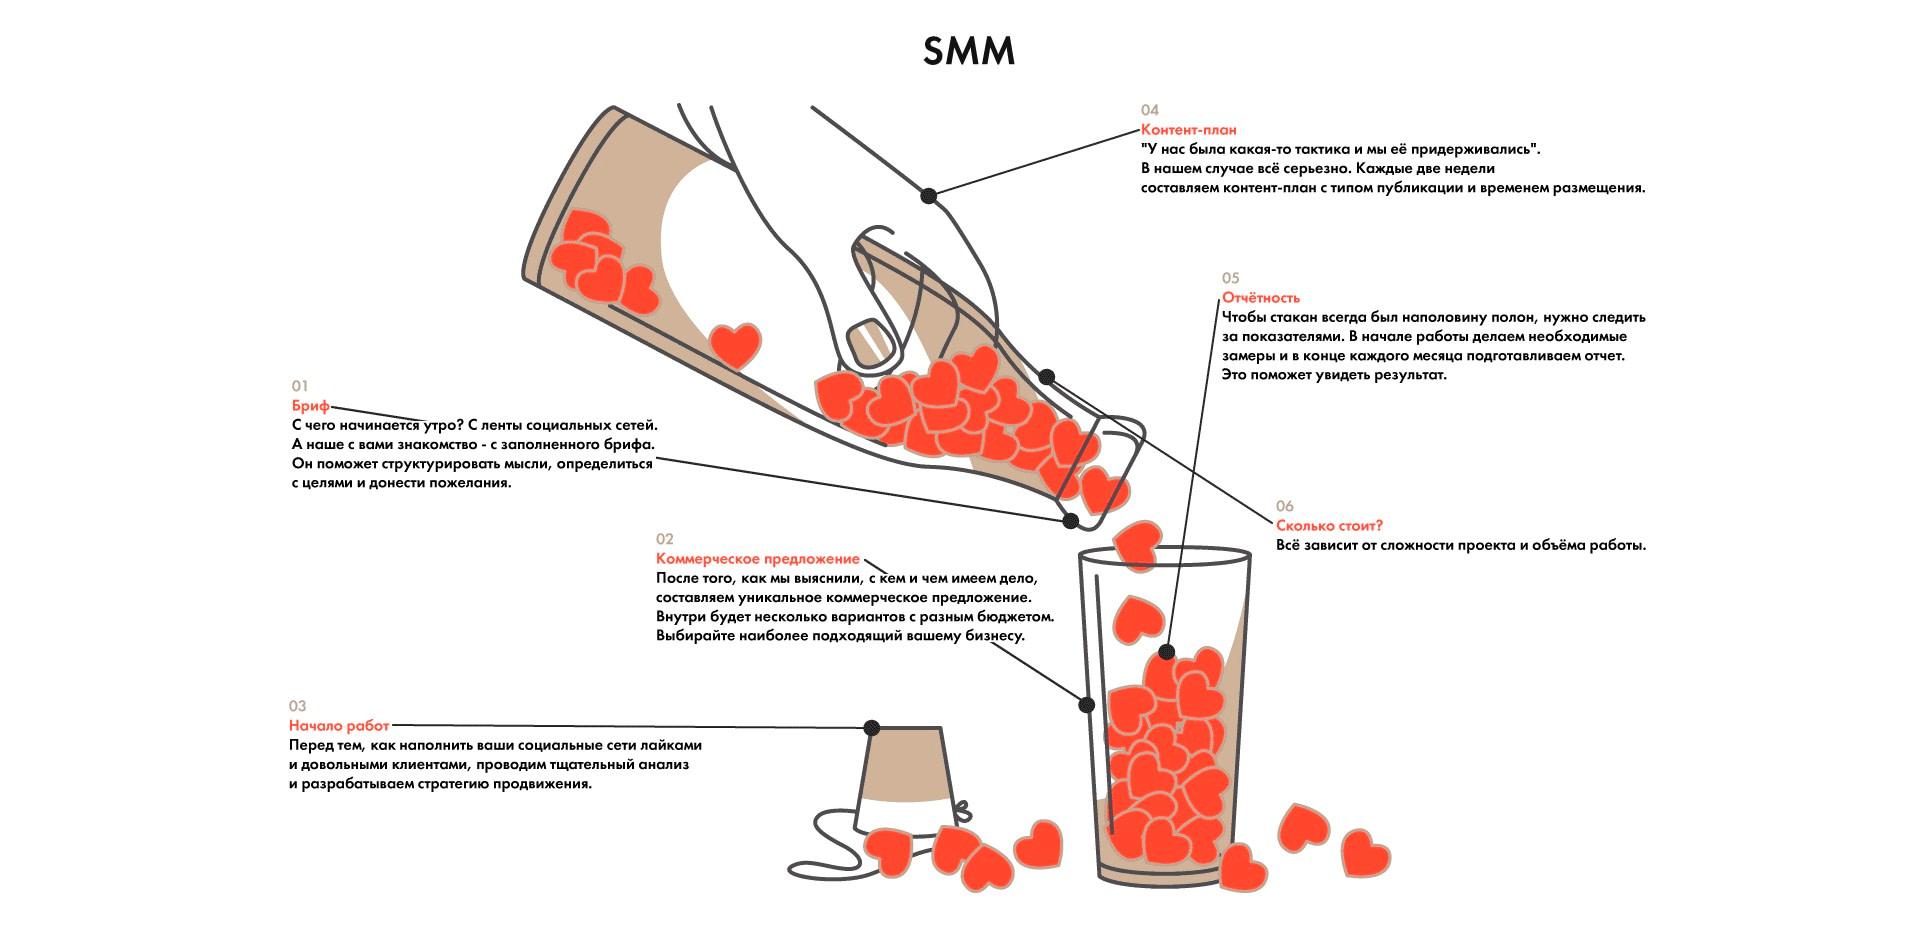 Схема нашей работы в SMM